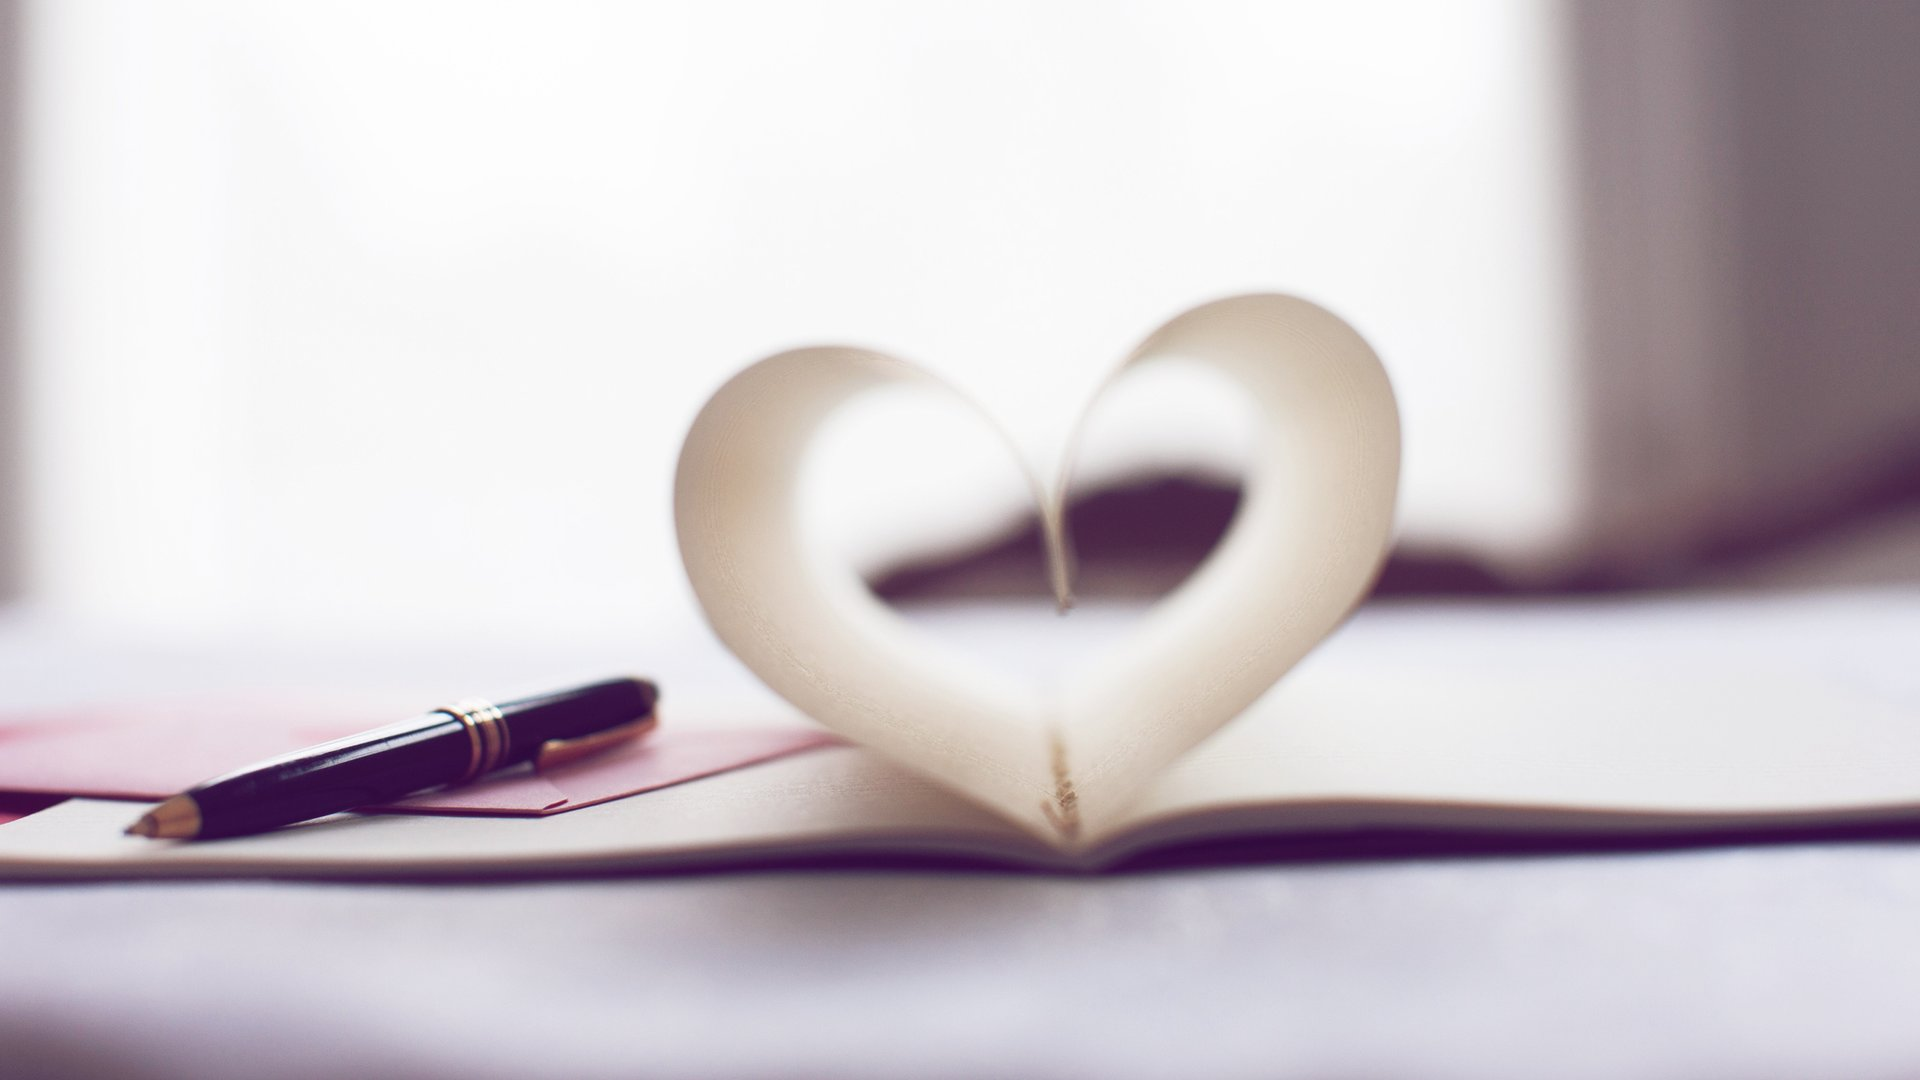 Texte schöne schatz meinen lange für Liebesbrief: So